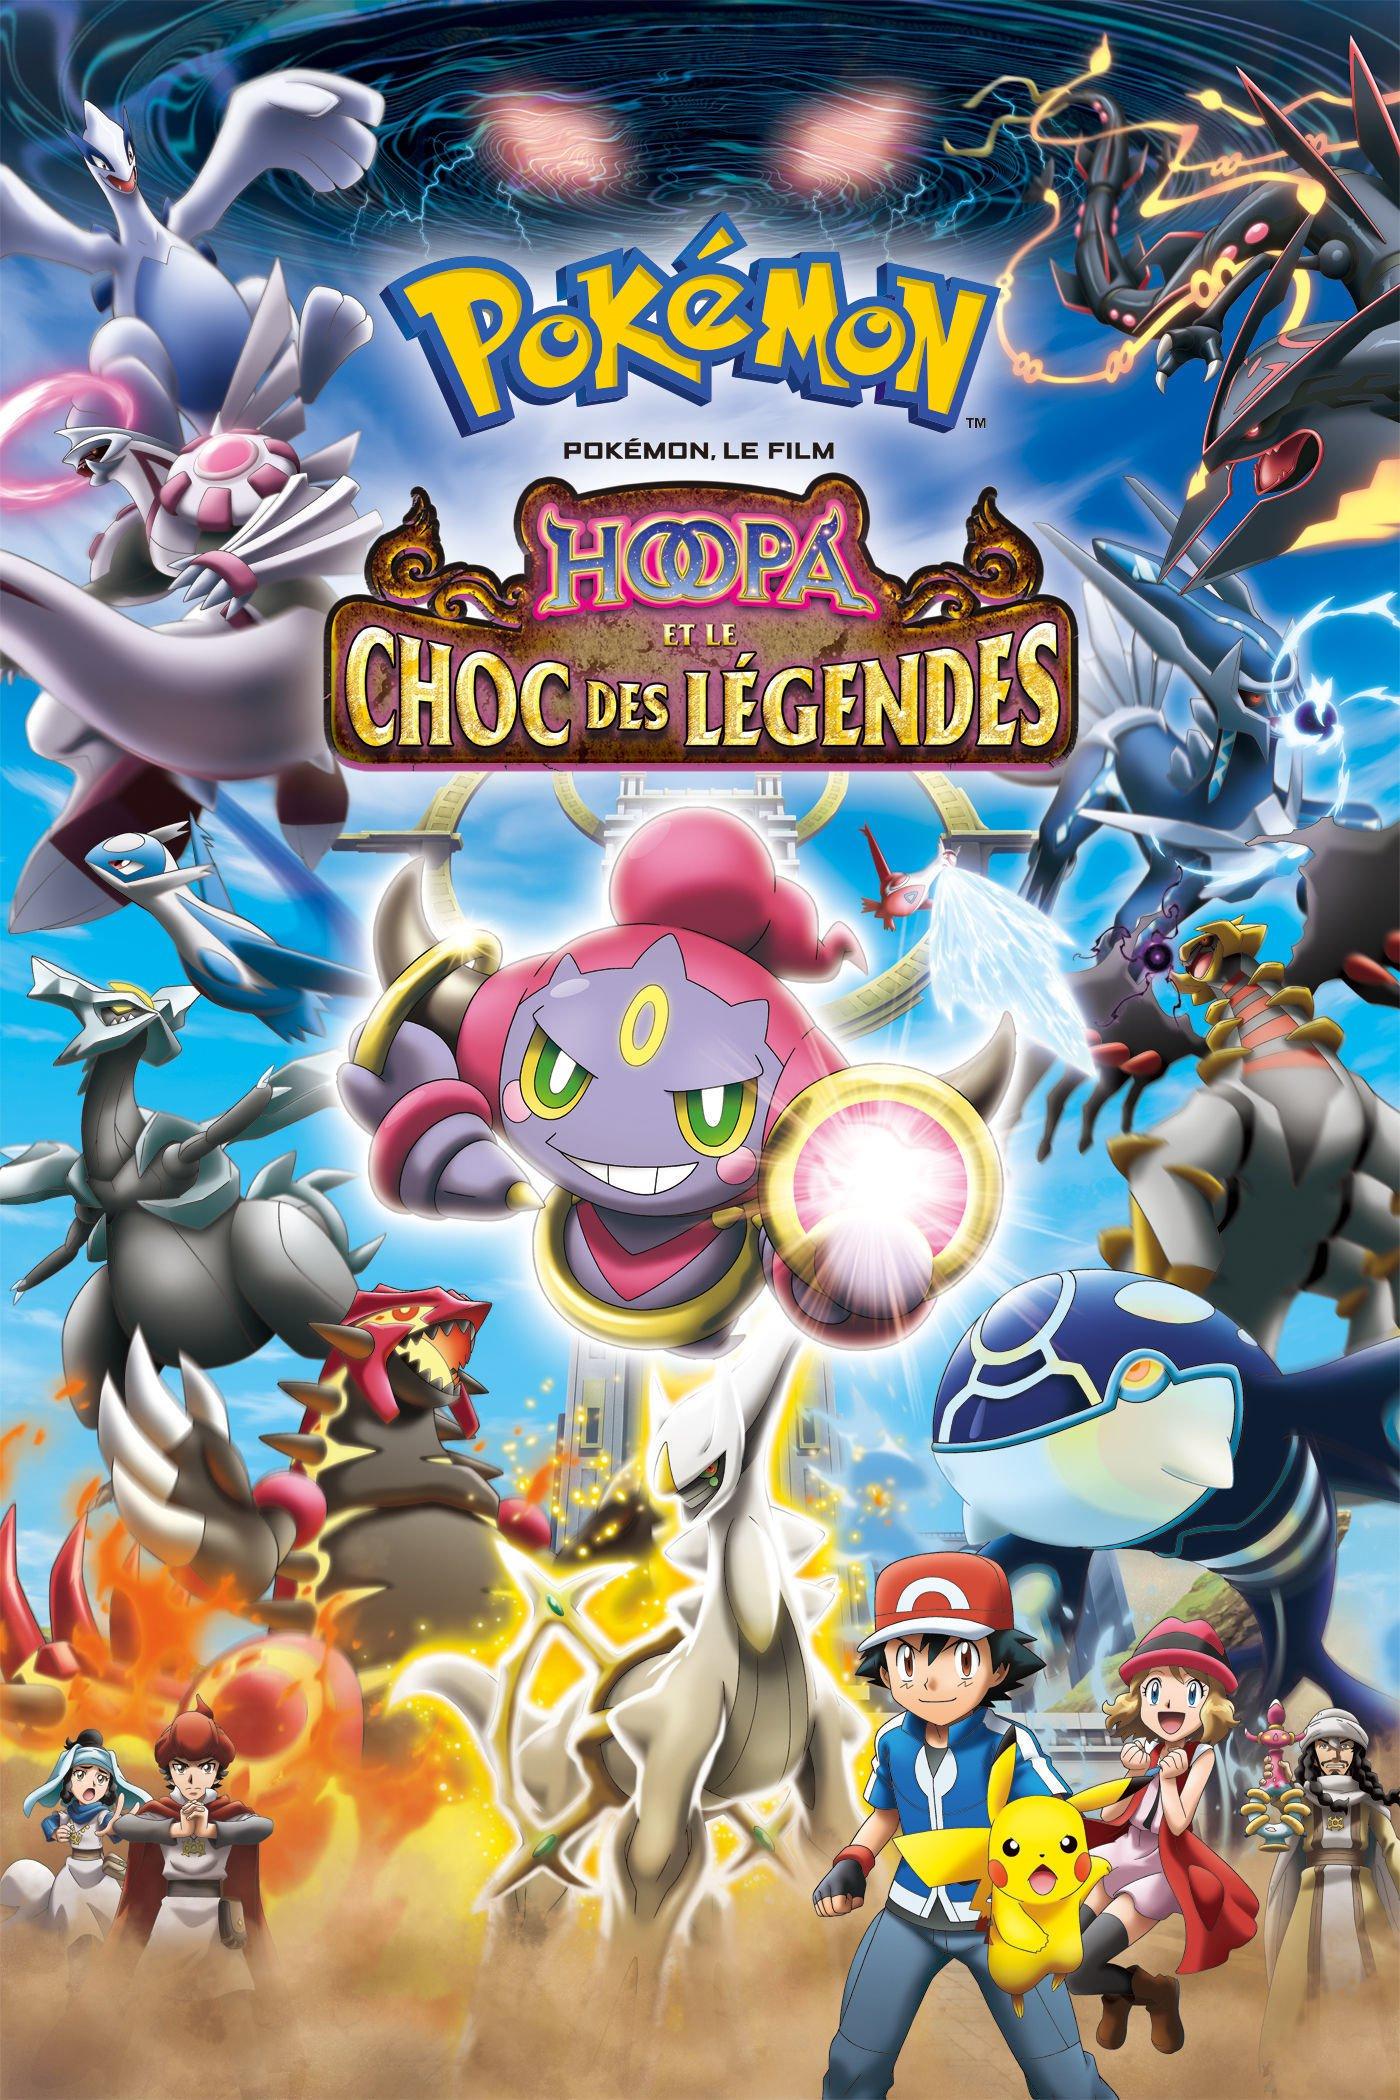 Pokémon Le Film Hoopa Et Le Choc Des Légendes Poképédia